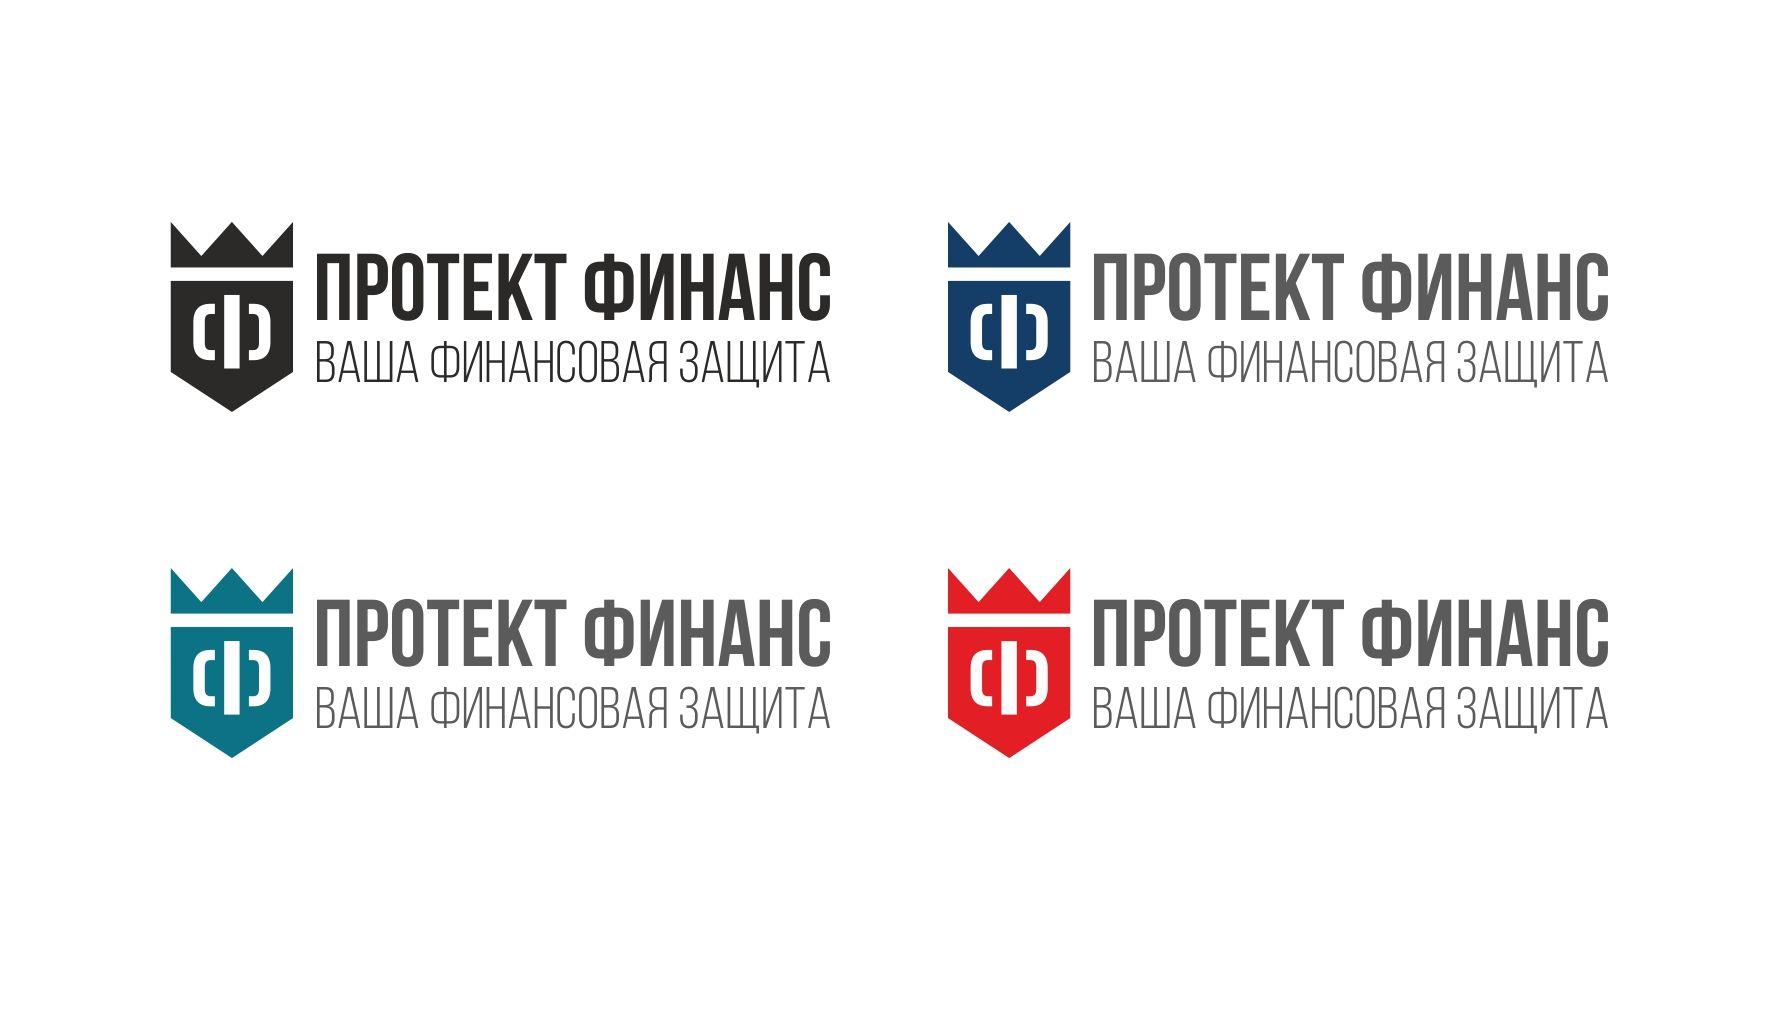 Фирм.стиль для ООО МФО «Протект Финанс» - дизайнер blukki